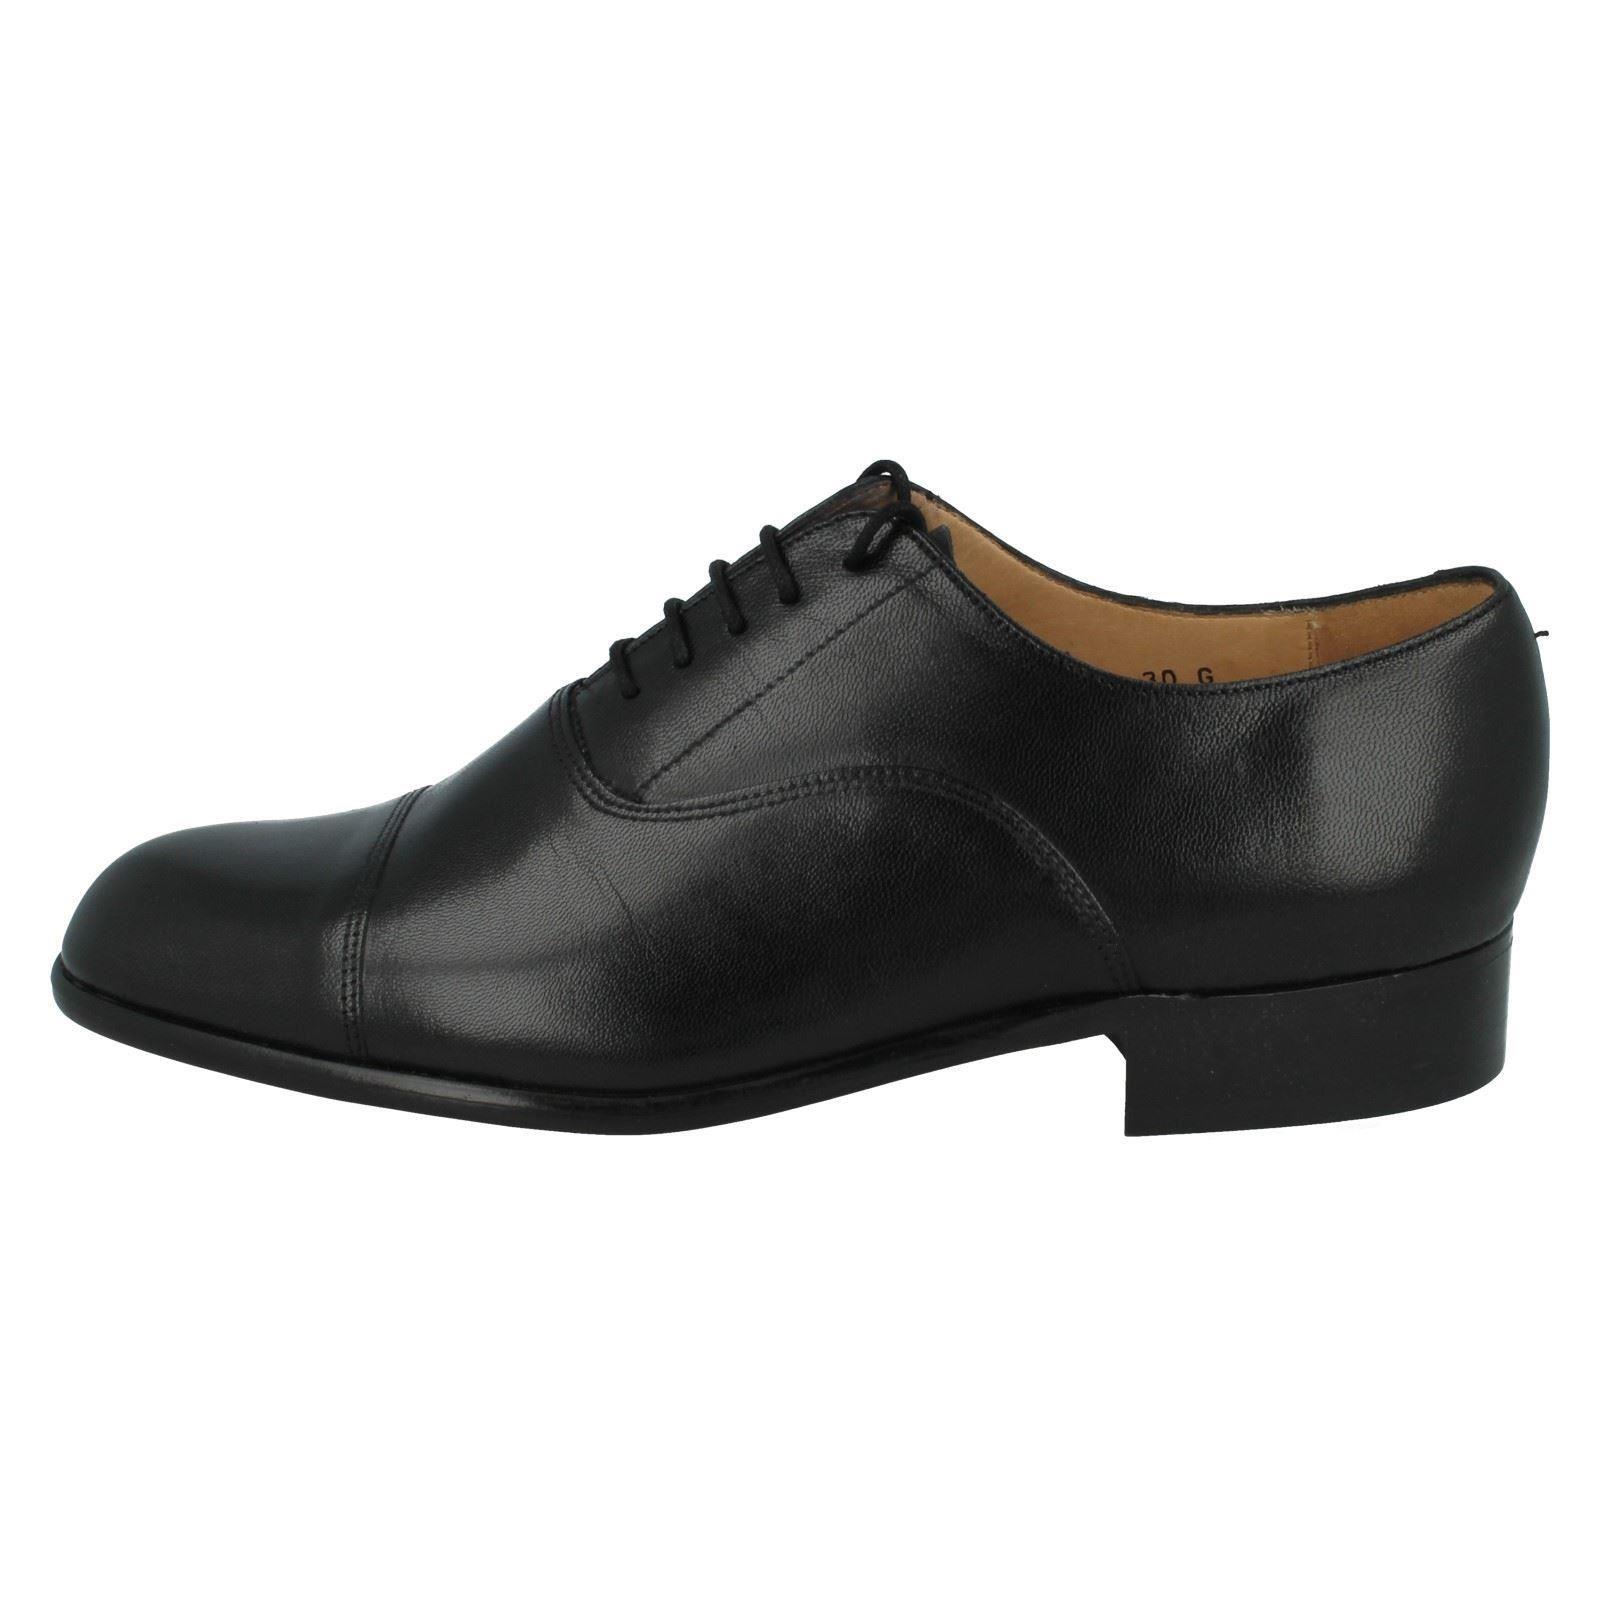 Da Uomo Grenson Formali In Pelle Scarpe Paddington 35020-01/35020-679 raccordo G Scarpe classiche da uomo